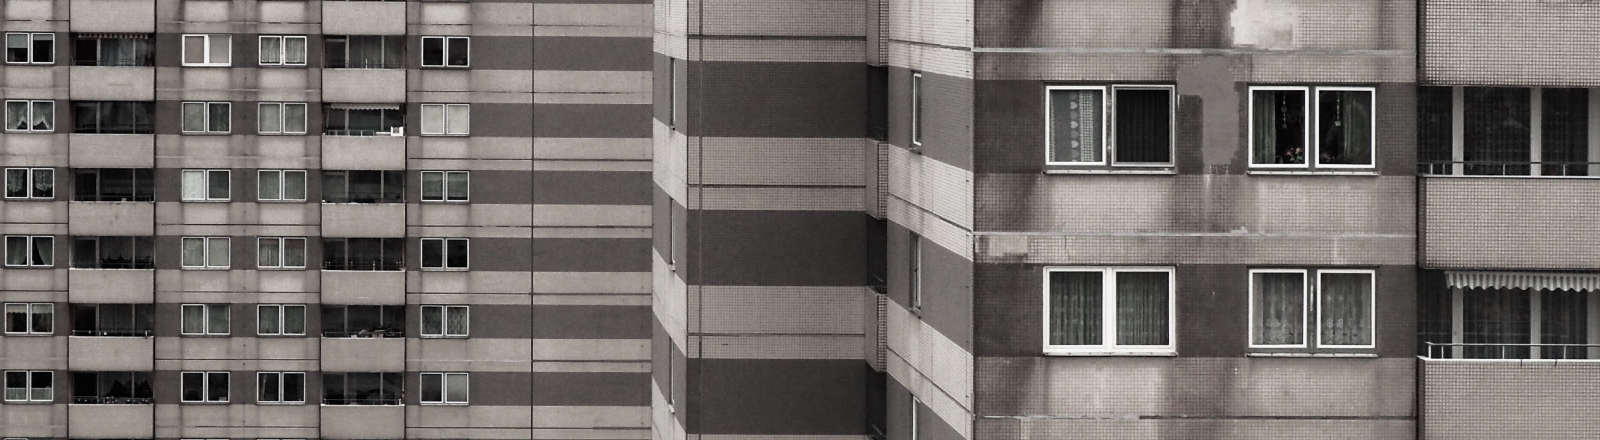 Eine graue Plattenbau-Fassade.